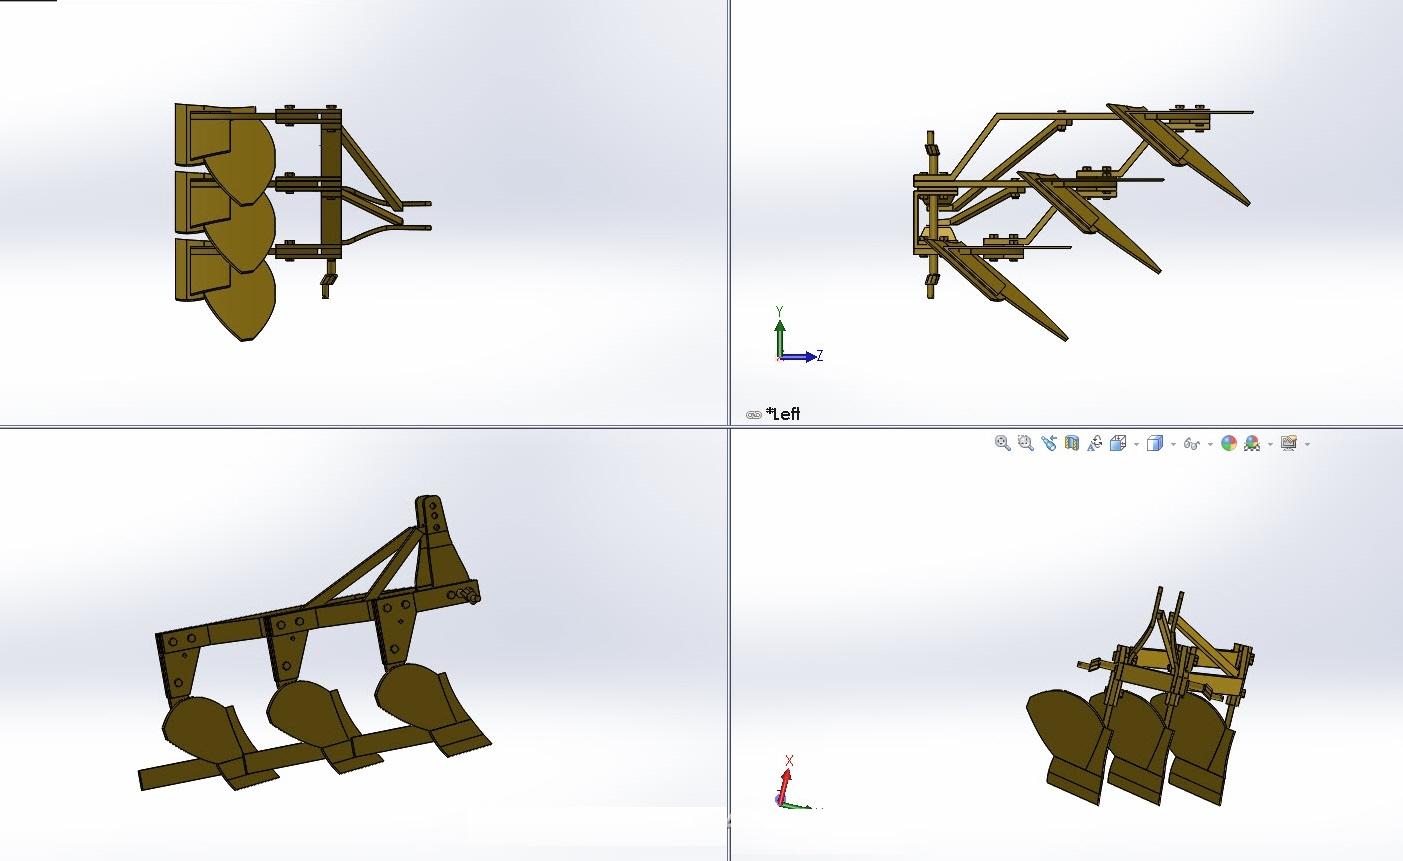 دانلود پروژه طراحی گاو آهن برگرداندار - ادوات کشاورزی در سالیدورک  solidwork